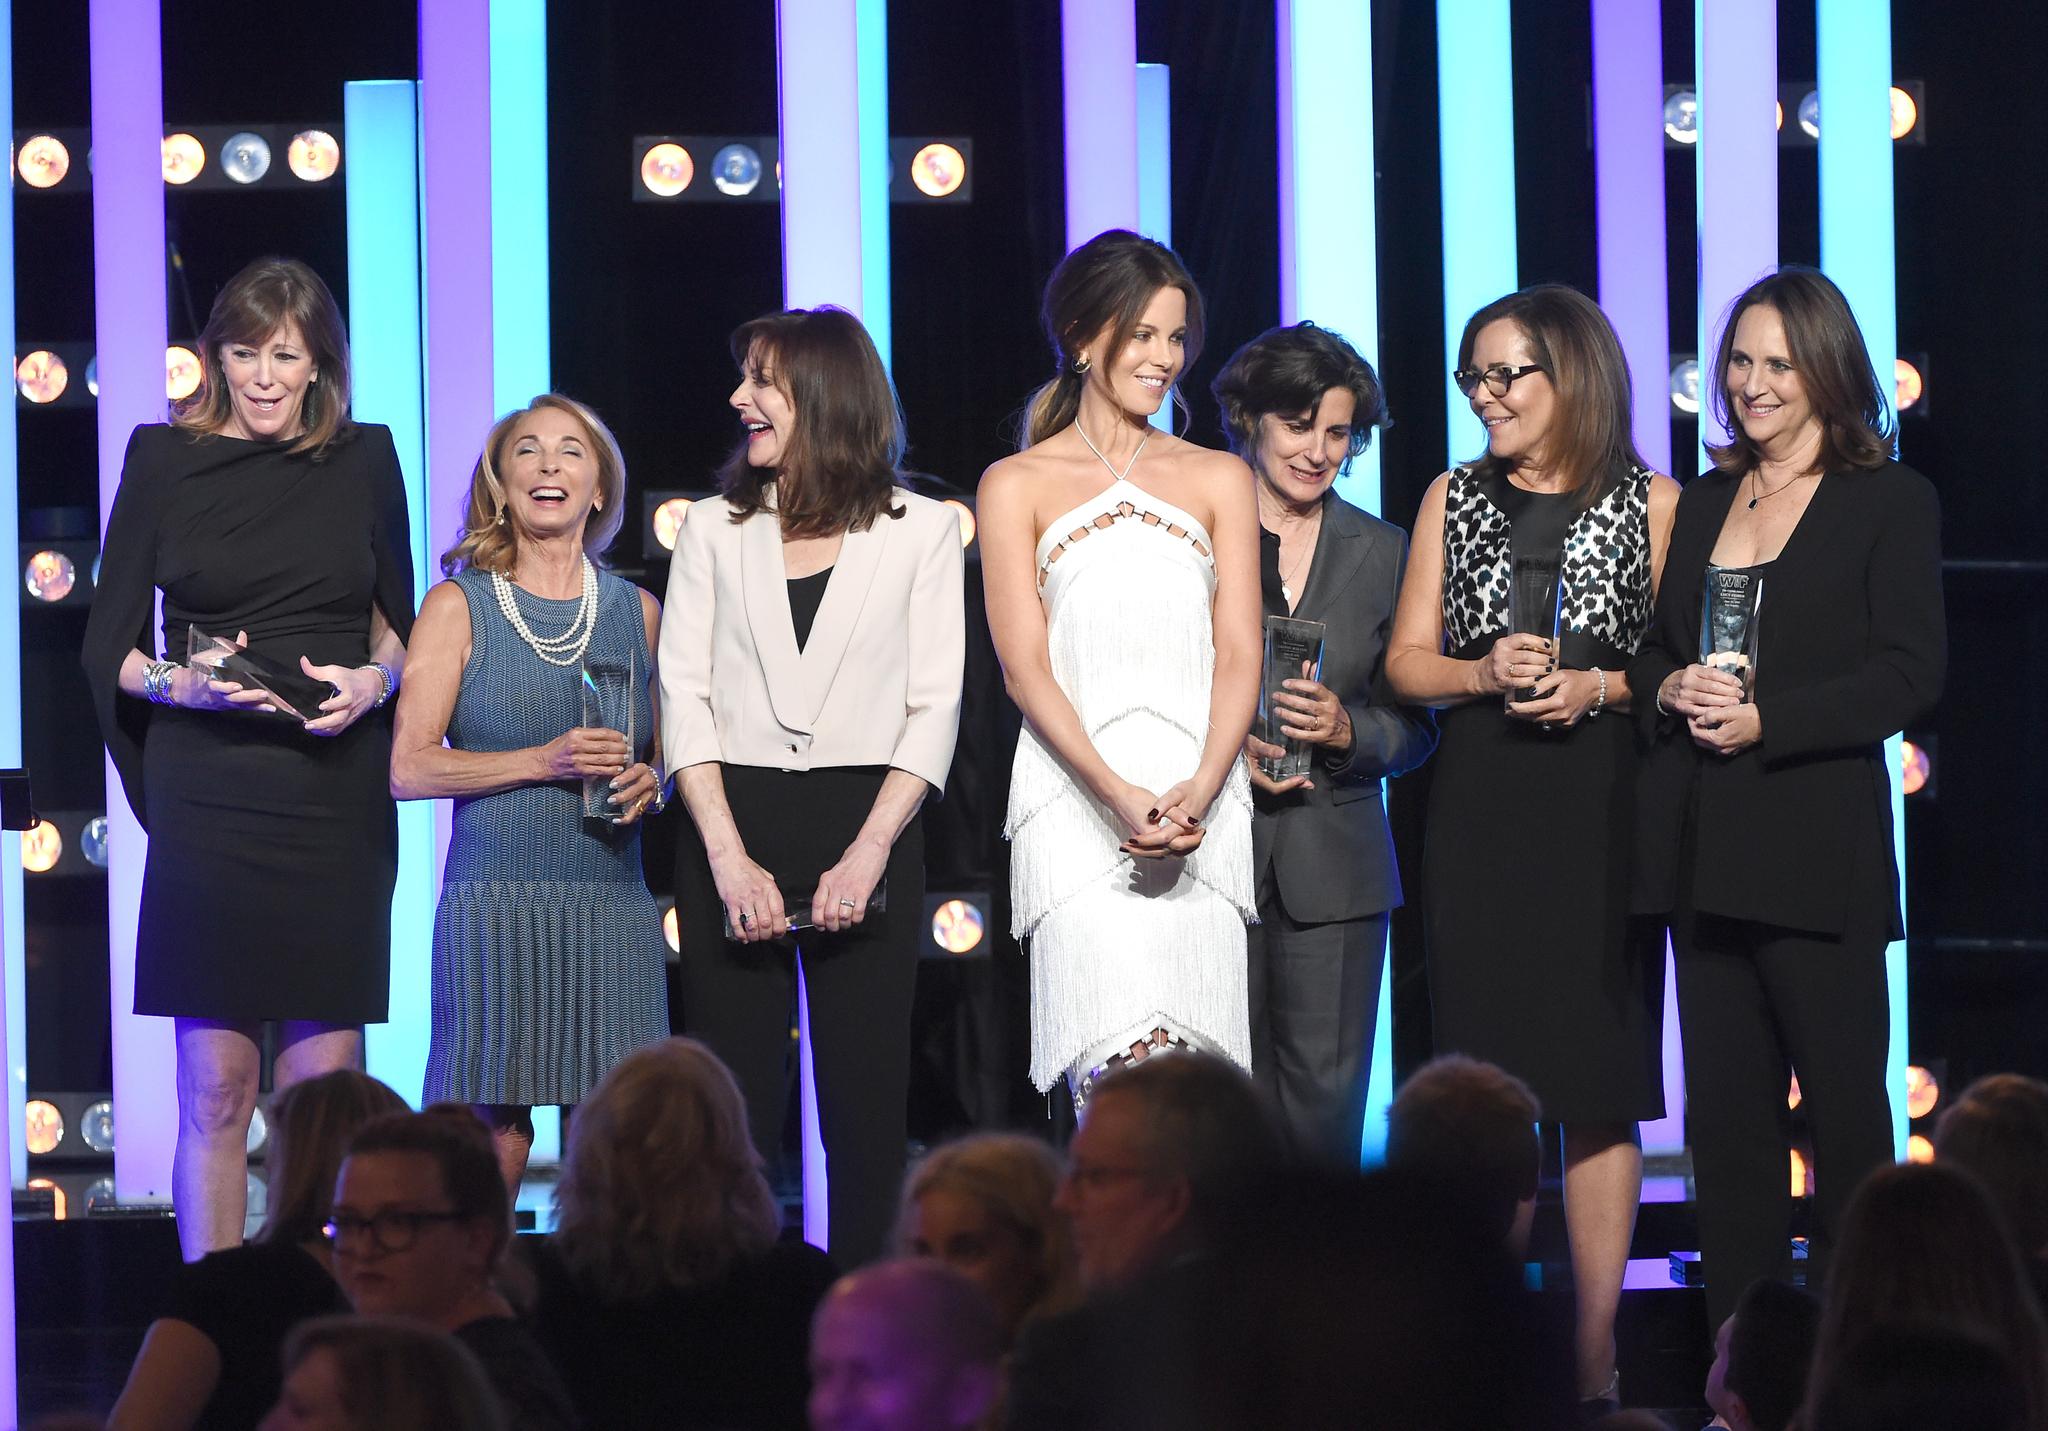 Kate Beckinsale, Denise Di Novi, Lucy Fisher, Lianne Halfon, Lynda Obst, Jane Rosenthal, and Lauren Shuler Donner